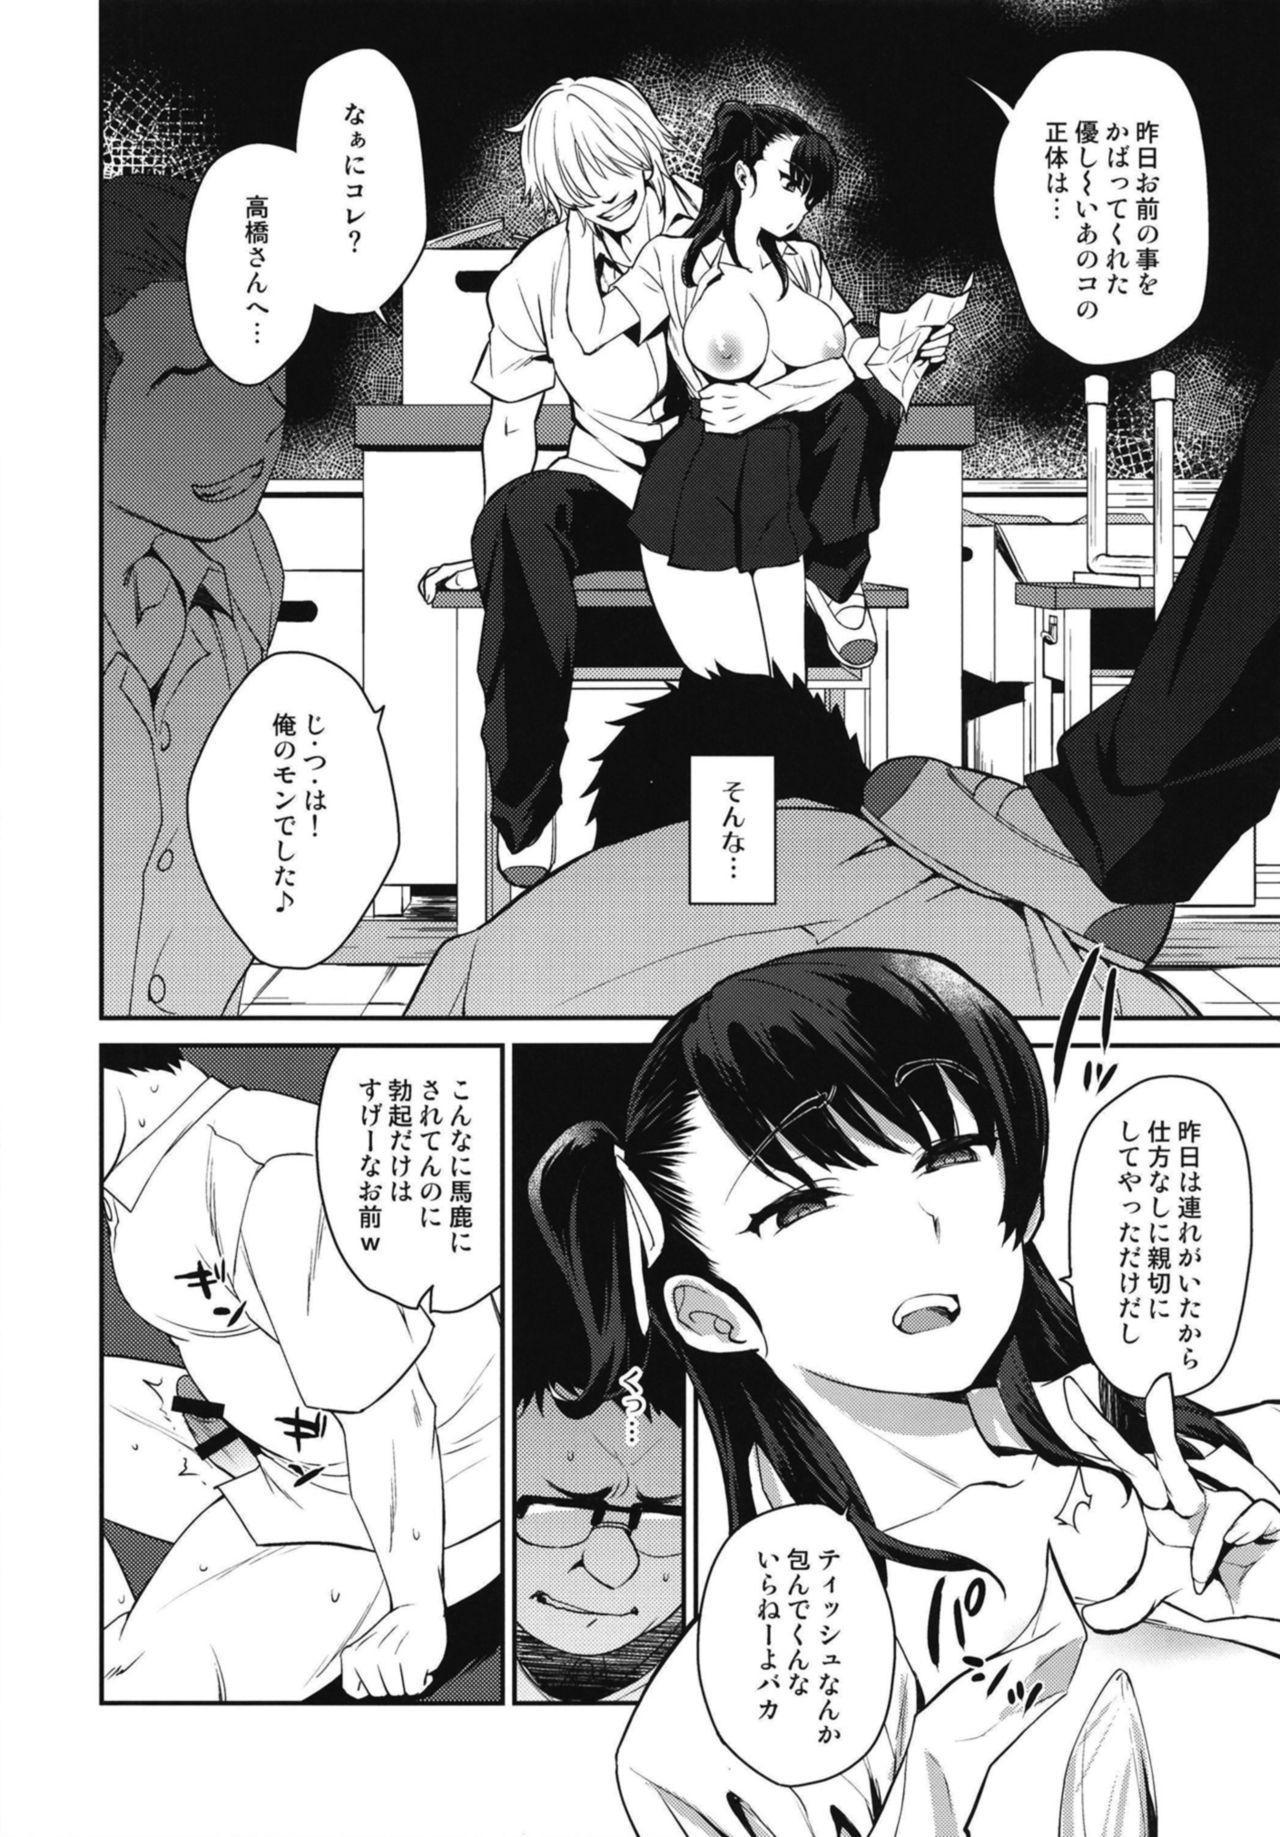 Boku no Koto o Baka ni Shite Ijimeru Kanojo wa Kareshi ga Iru noni Nazeka Boku kara Hanarenai 9